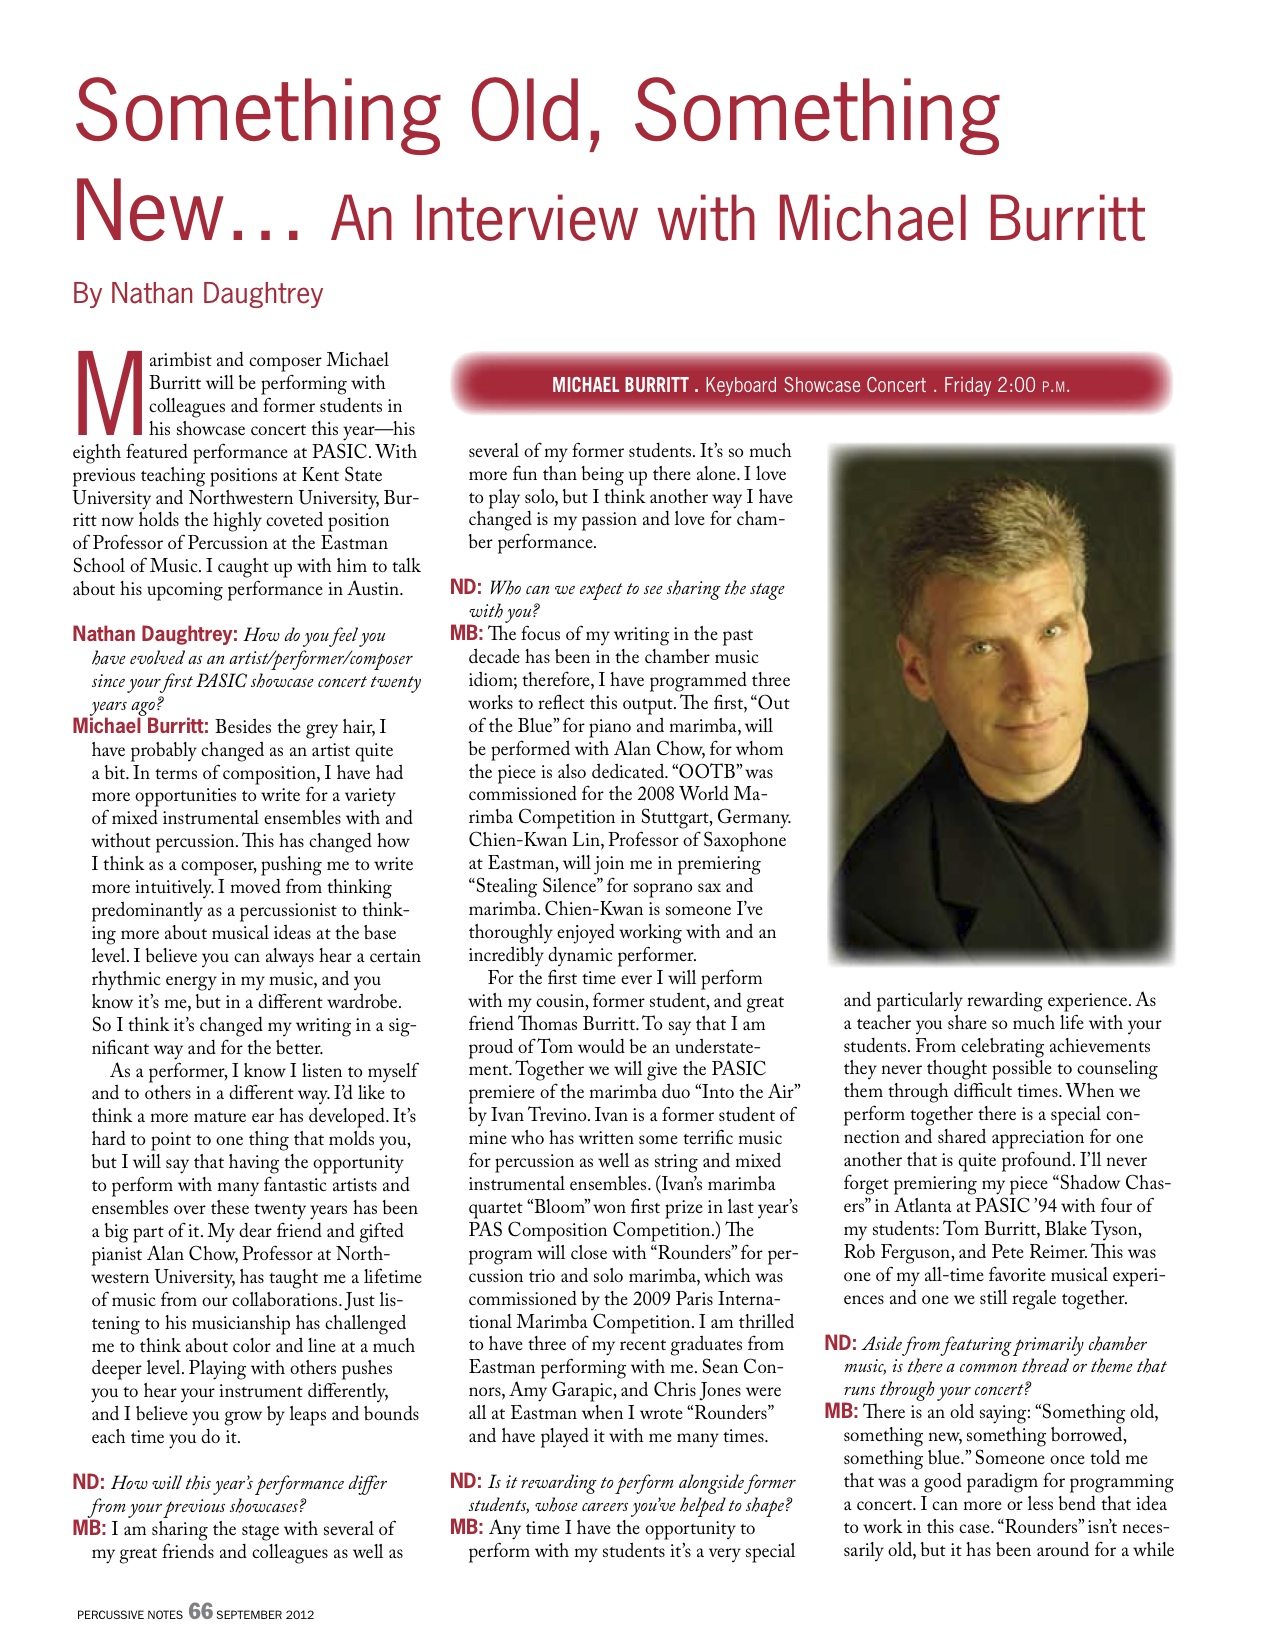 mjb-interview1